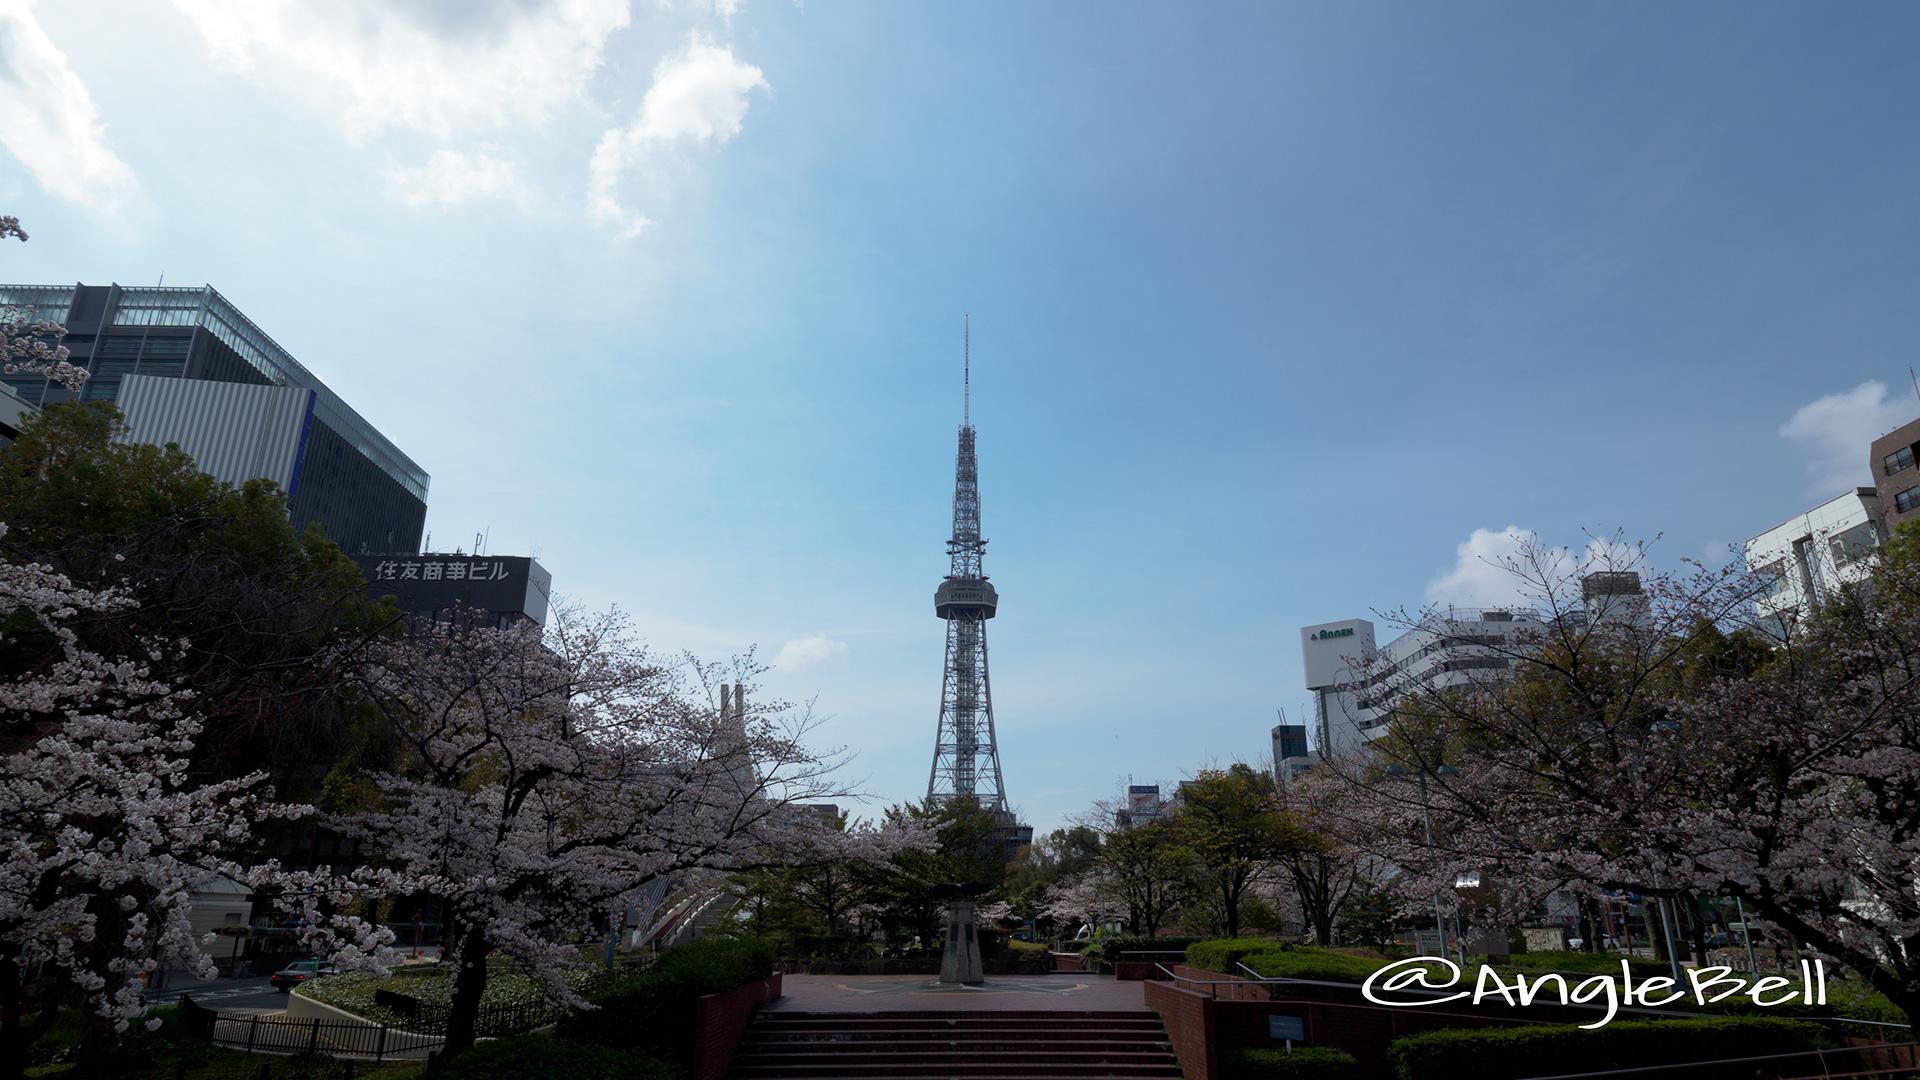 名古屋テレビ塔と白頭鷲の像